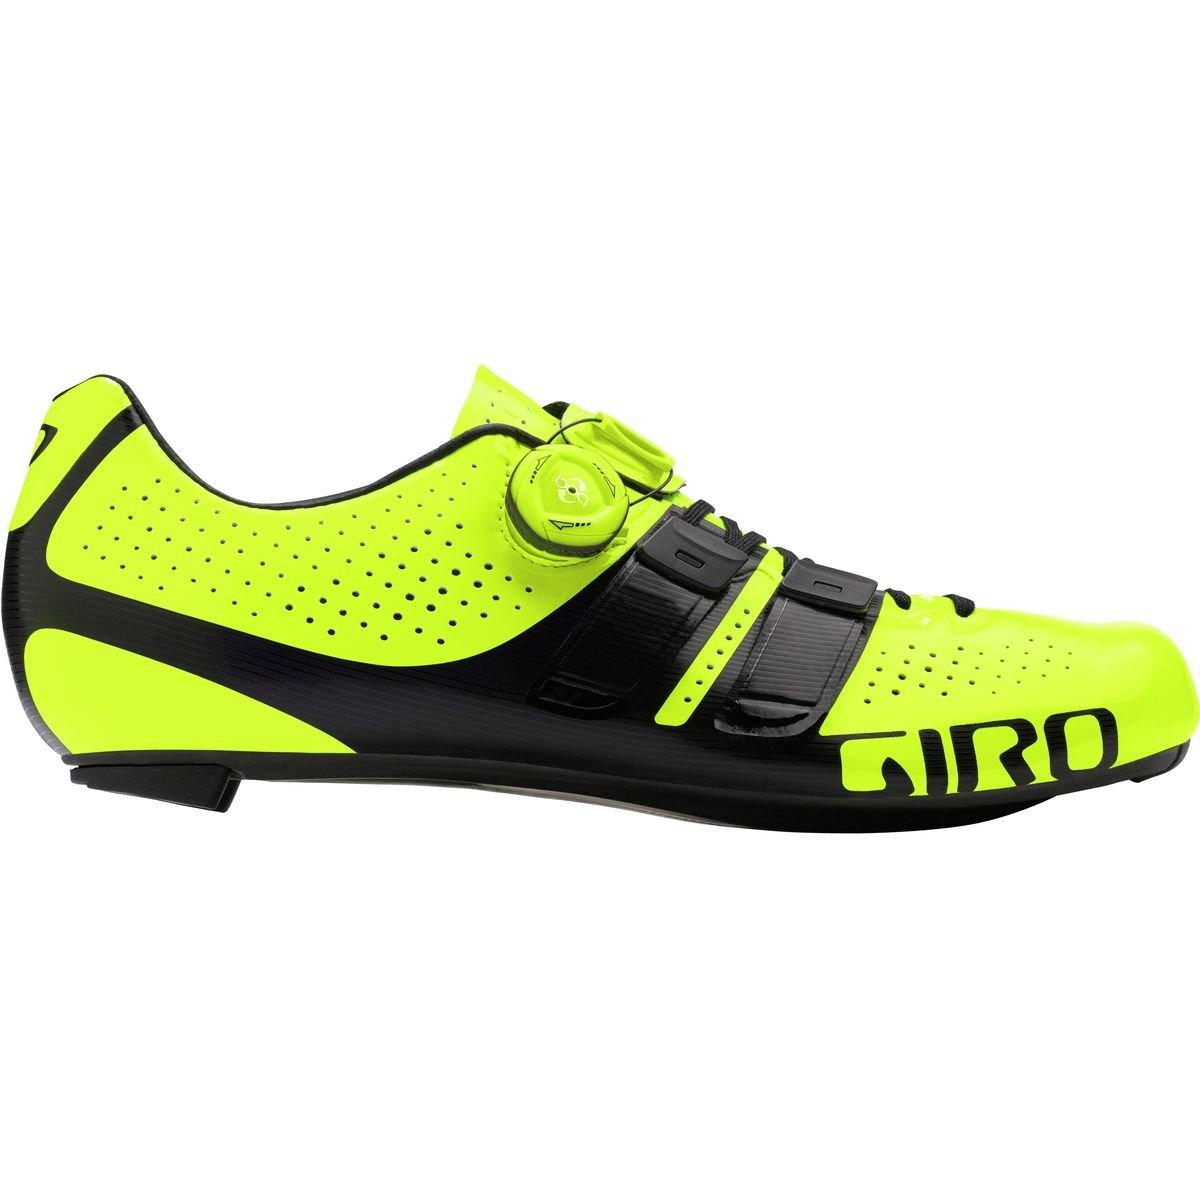 [ジロ Giro] メンズ スポーツ サイクリング Factor Techlace Shoe [並行輸入品] B07FND12PG 43